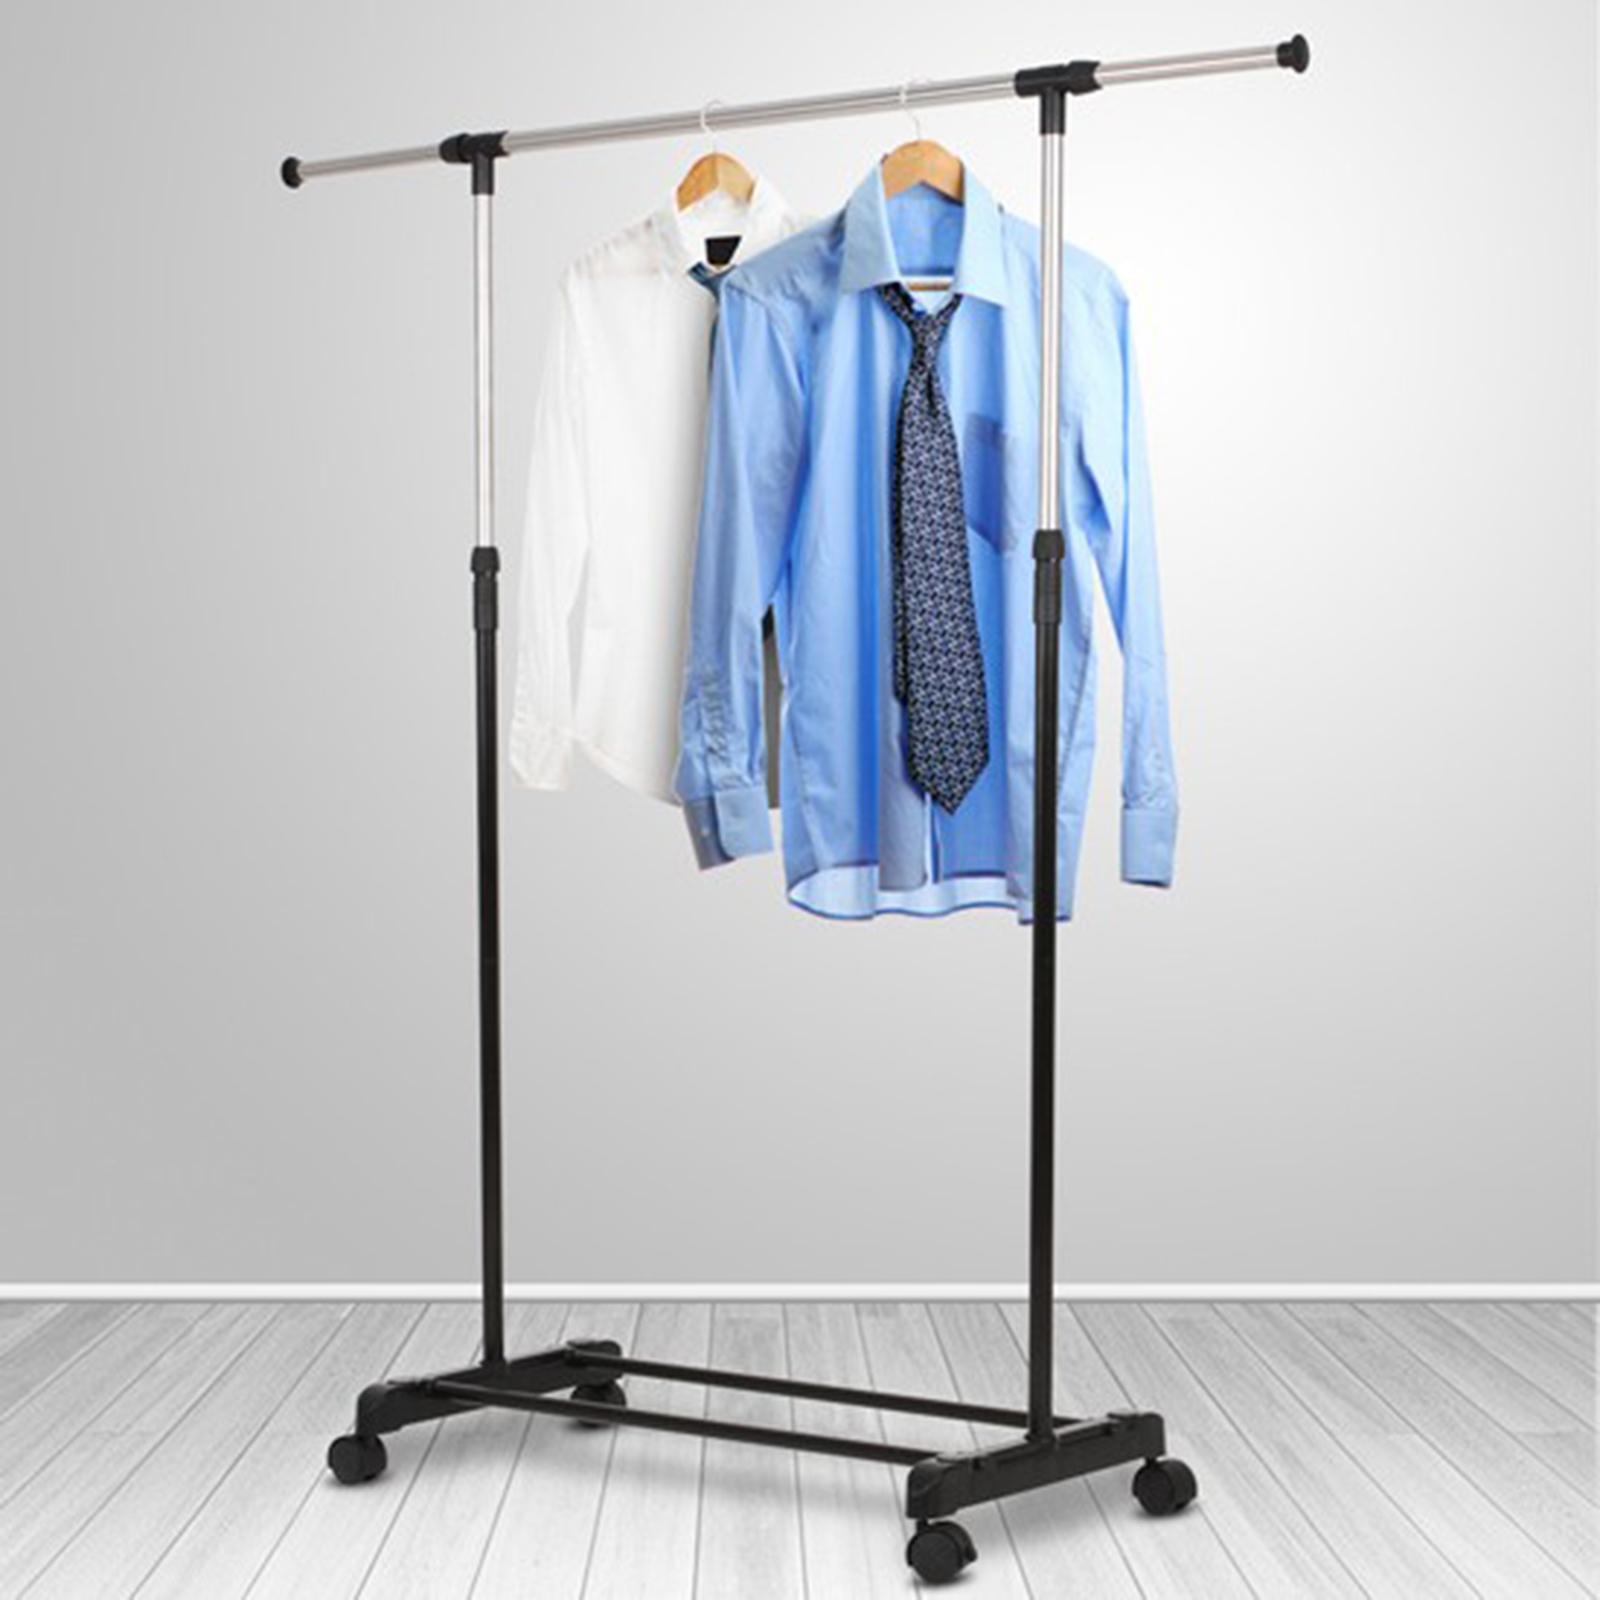 portant v tements porte manteau support mobile roulette. Black Bedroom Furniture Sets. Home Design Ideas